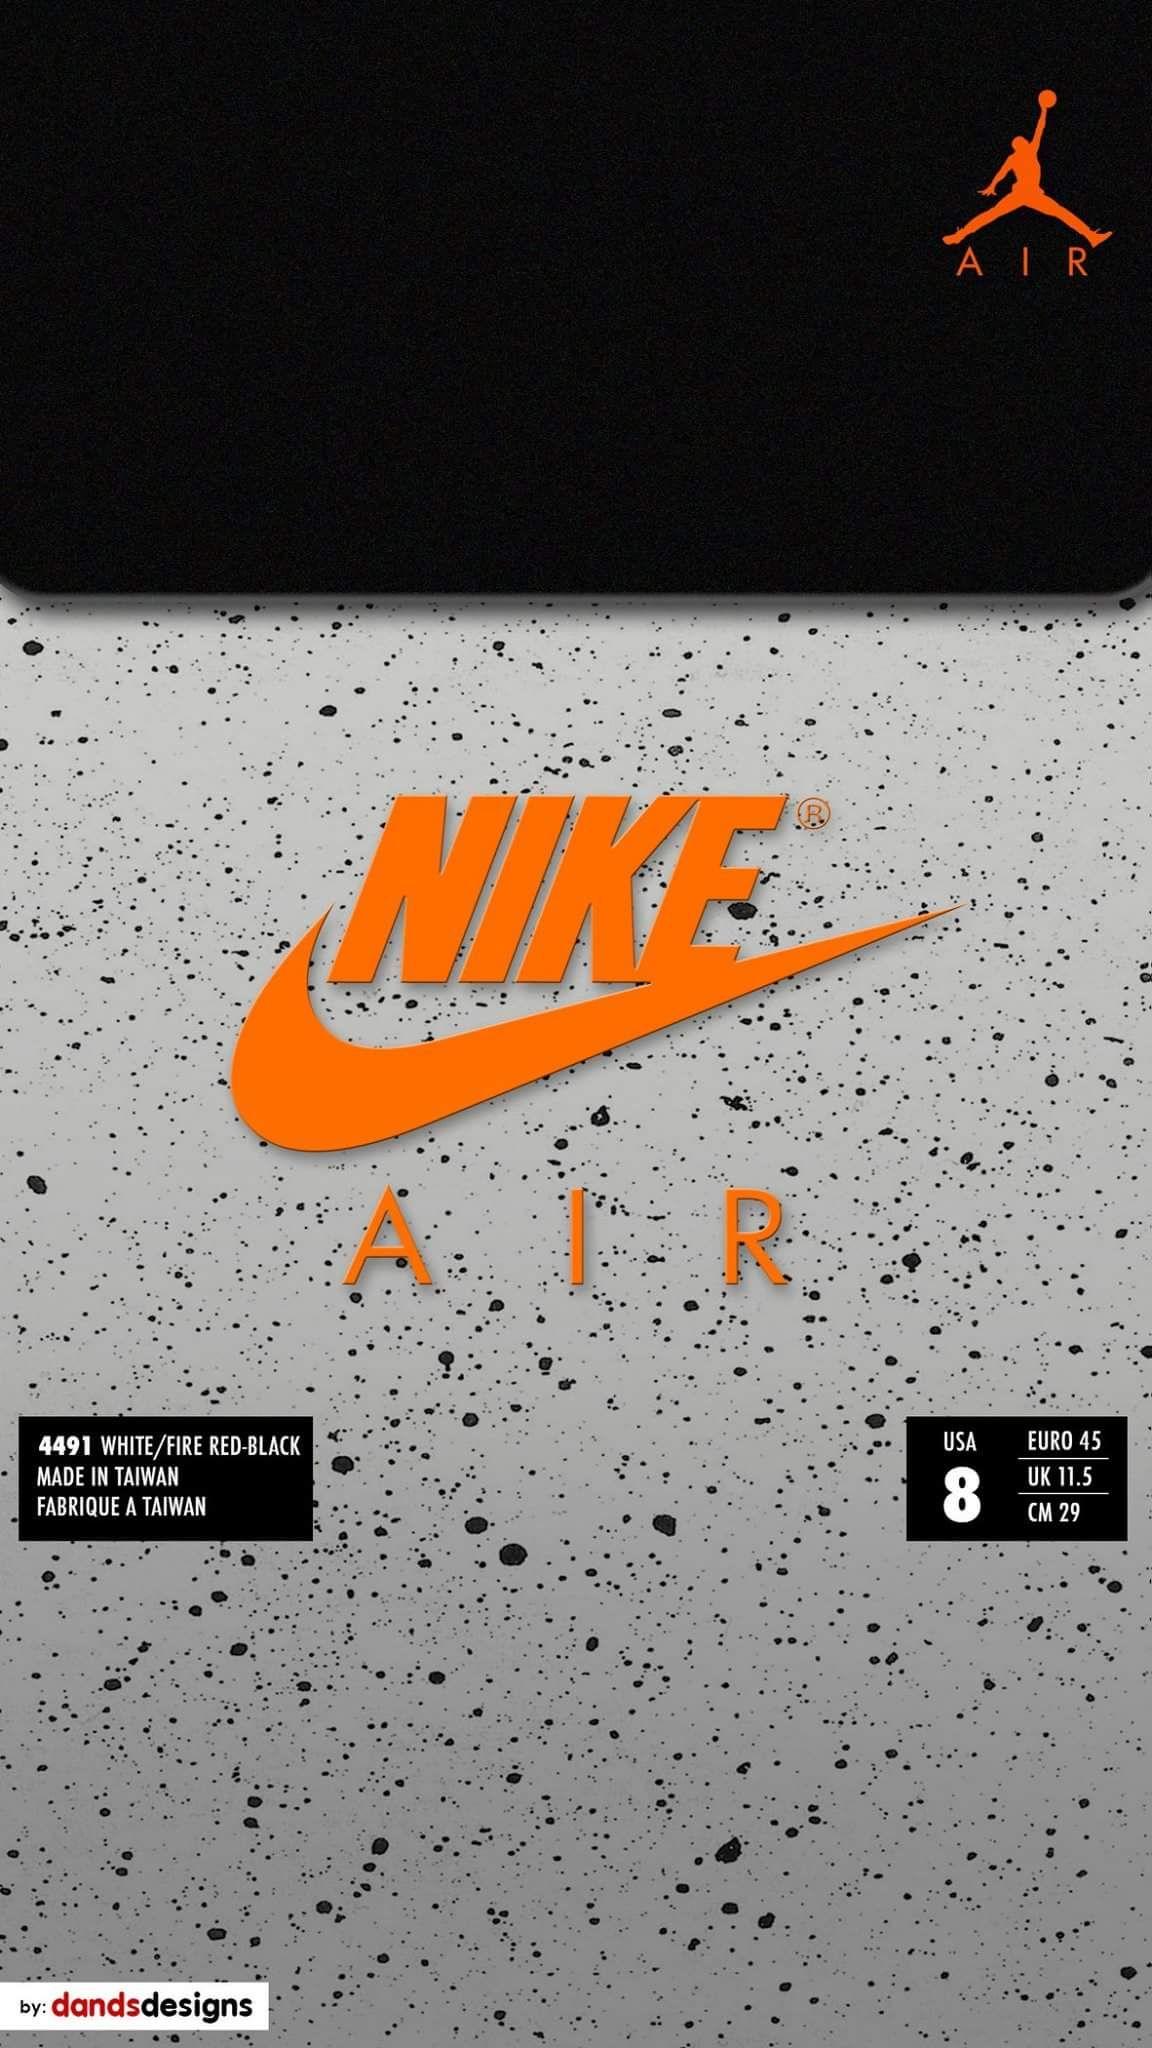 11160605 854357614600979 3200530251792224497 O Jpg 1152 2048 Hypebeast Iphone Wallpaper Nike Wallpaper Iphone Nike Wallpaper